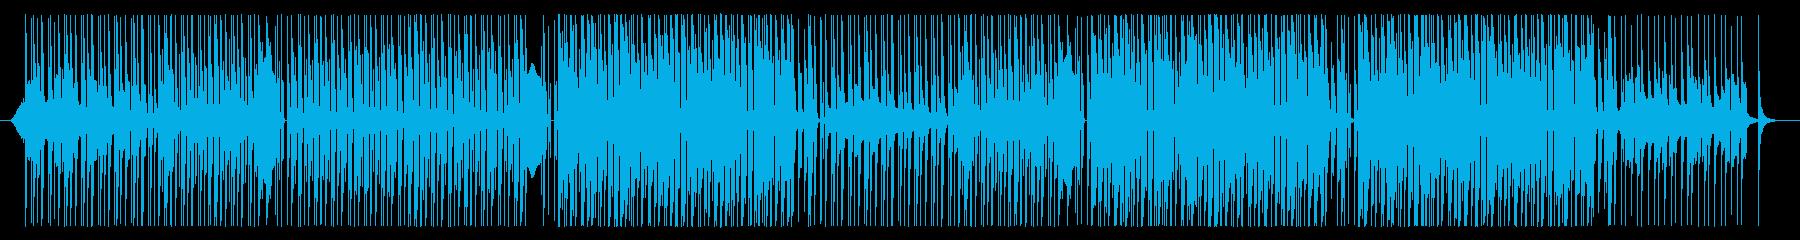 レゲトン、ラテン、ダンス系の再生済みの波形